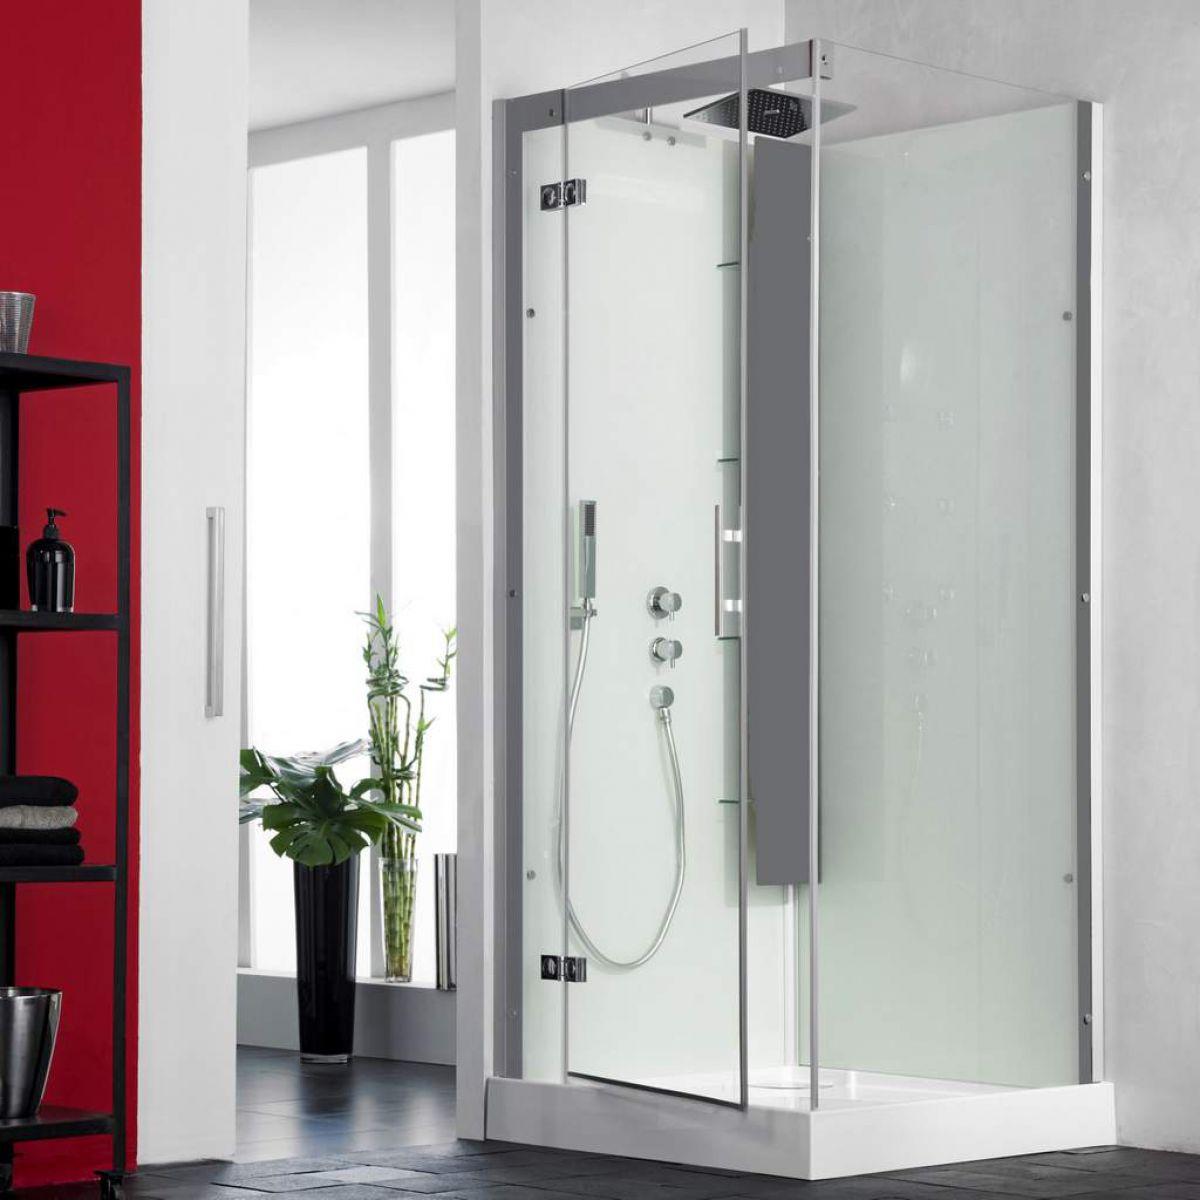 Kinedo Horizon Pivot Door Shower Cubicle : UK Bathrooms